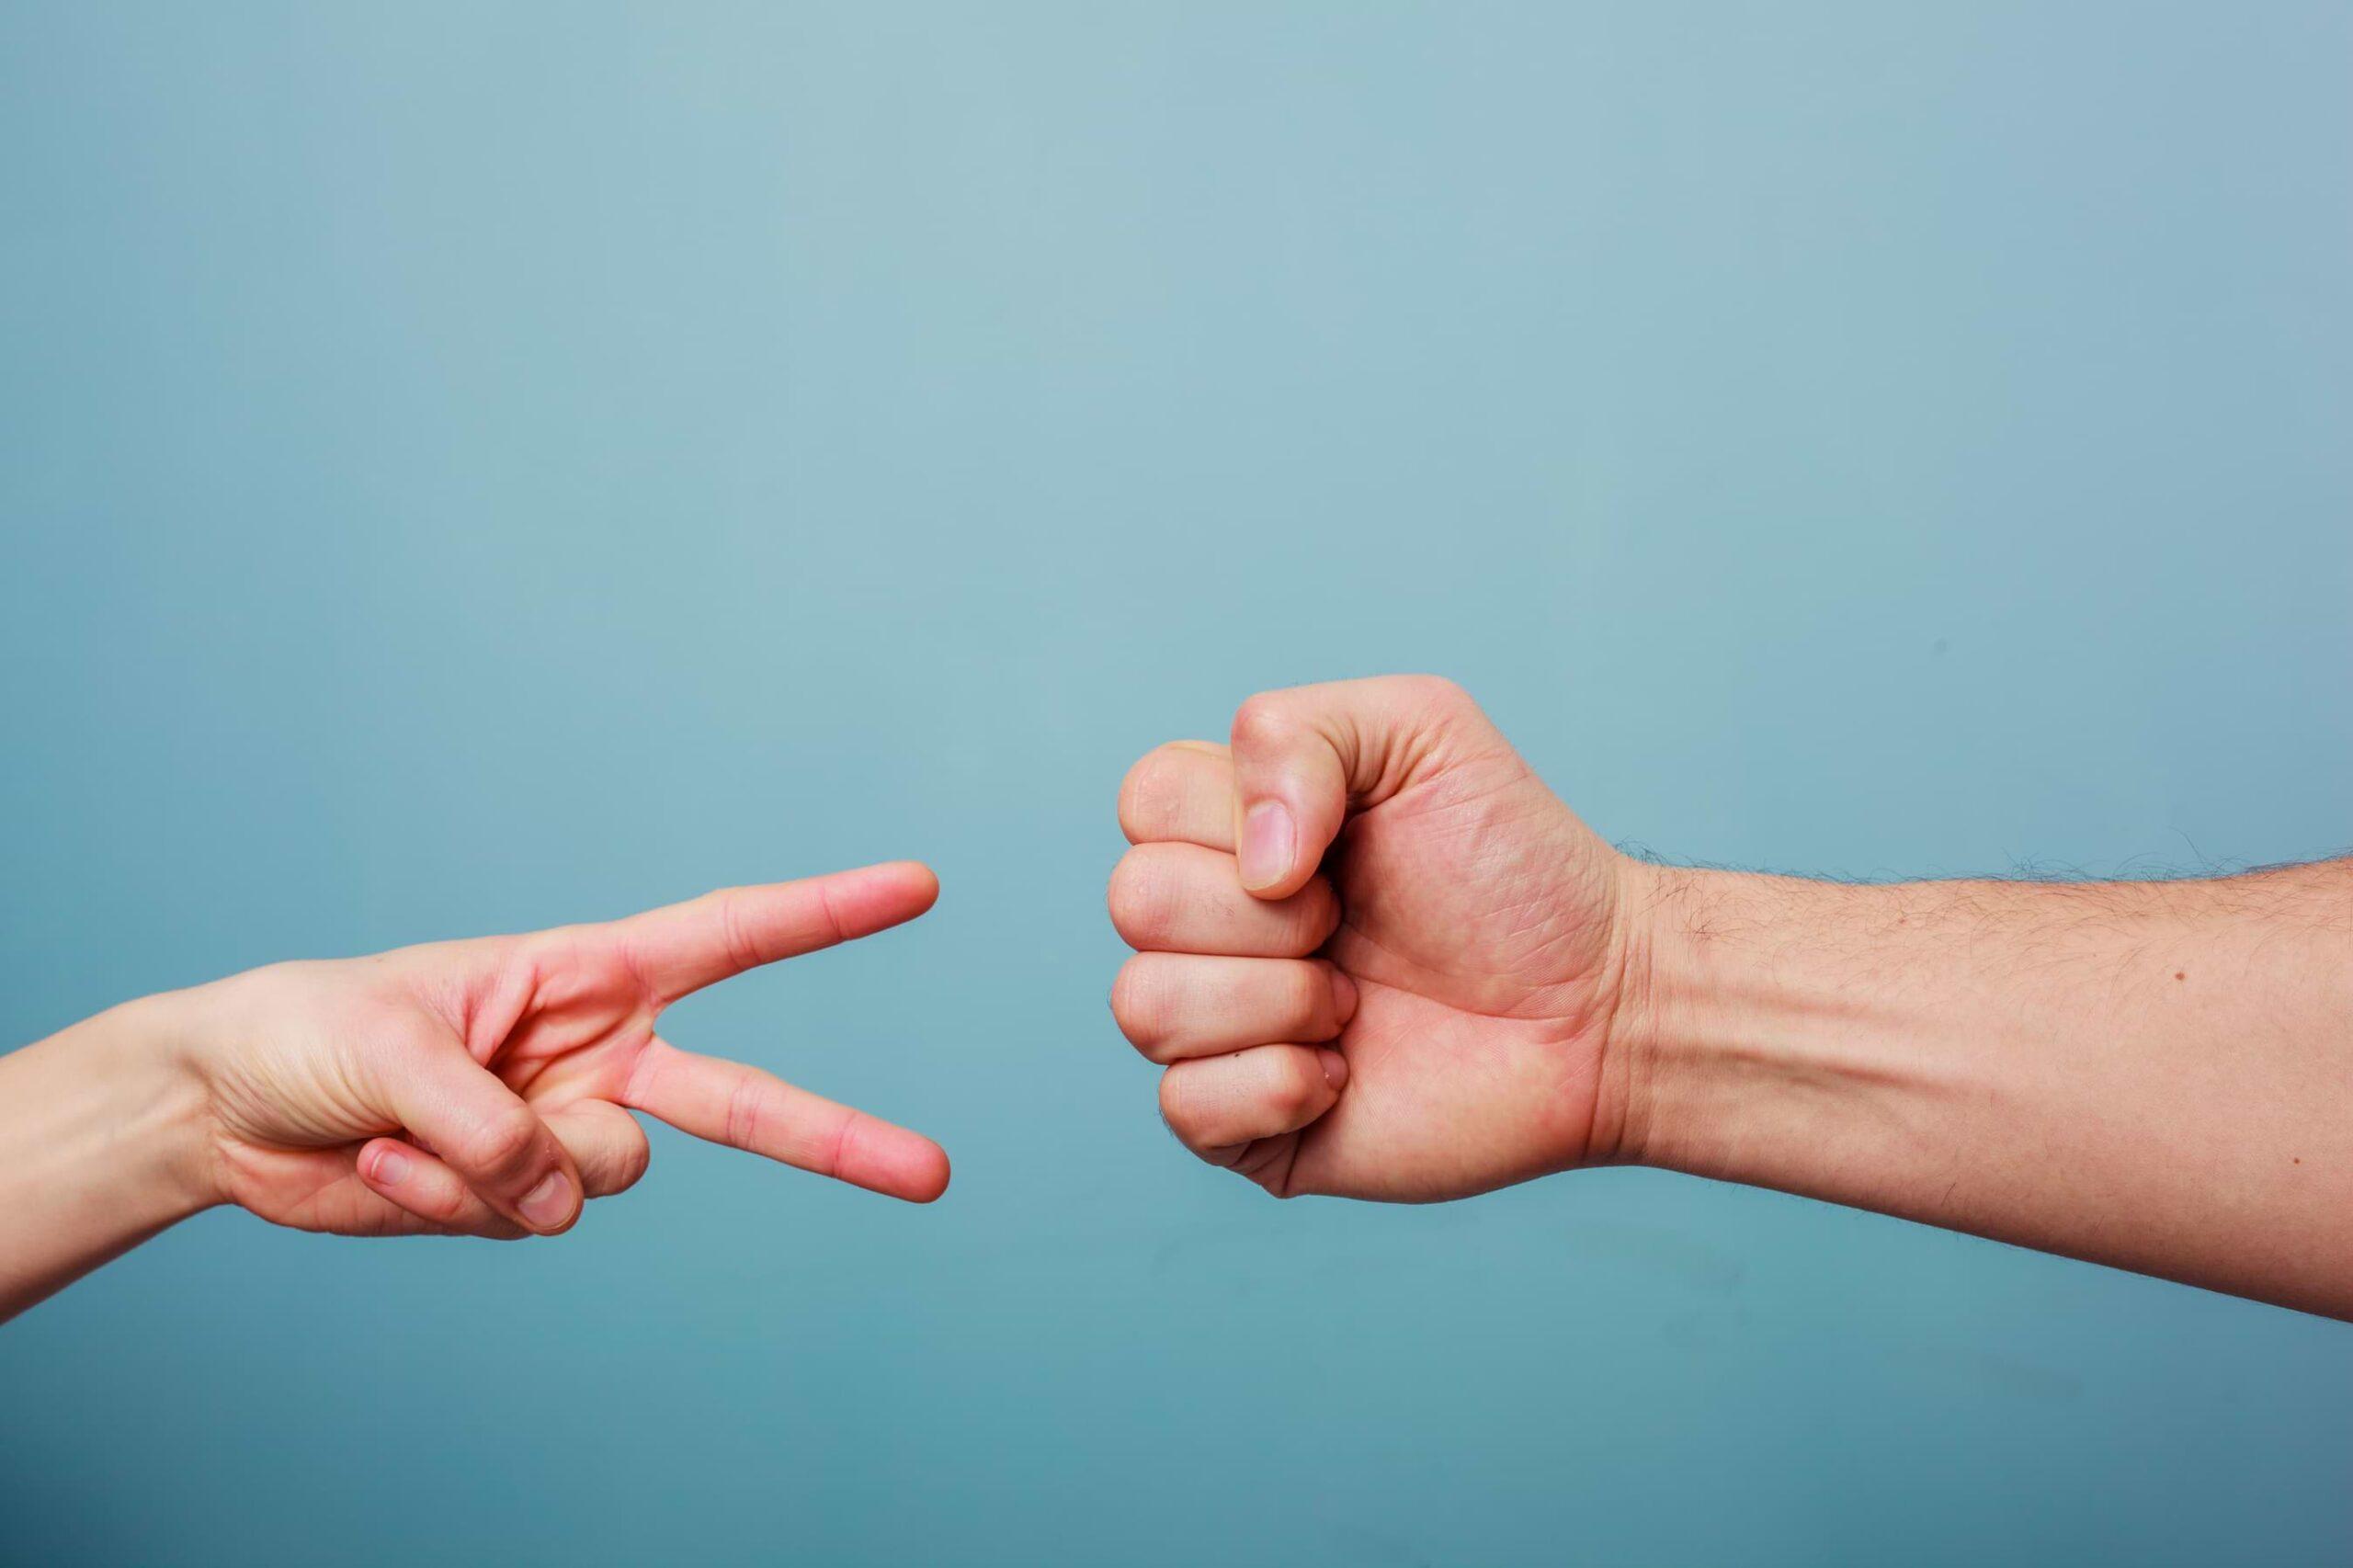 Händer som gör sten, sax eller påse